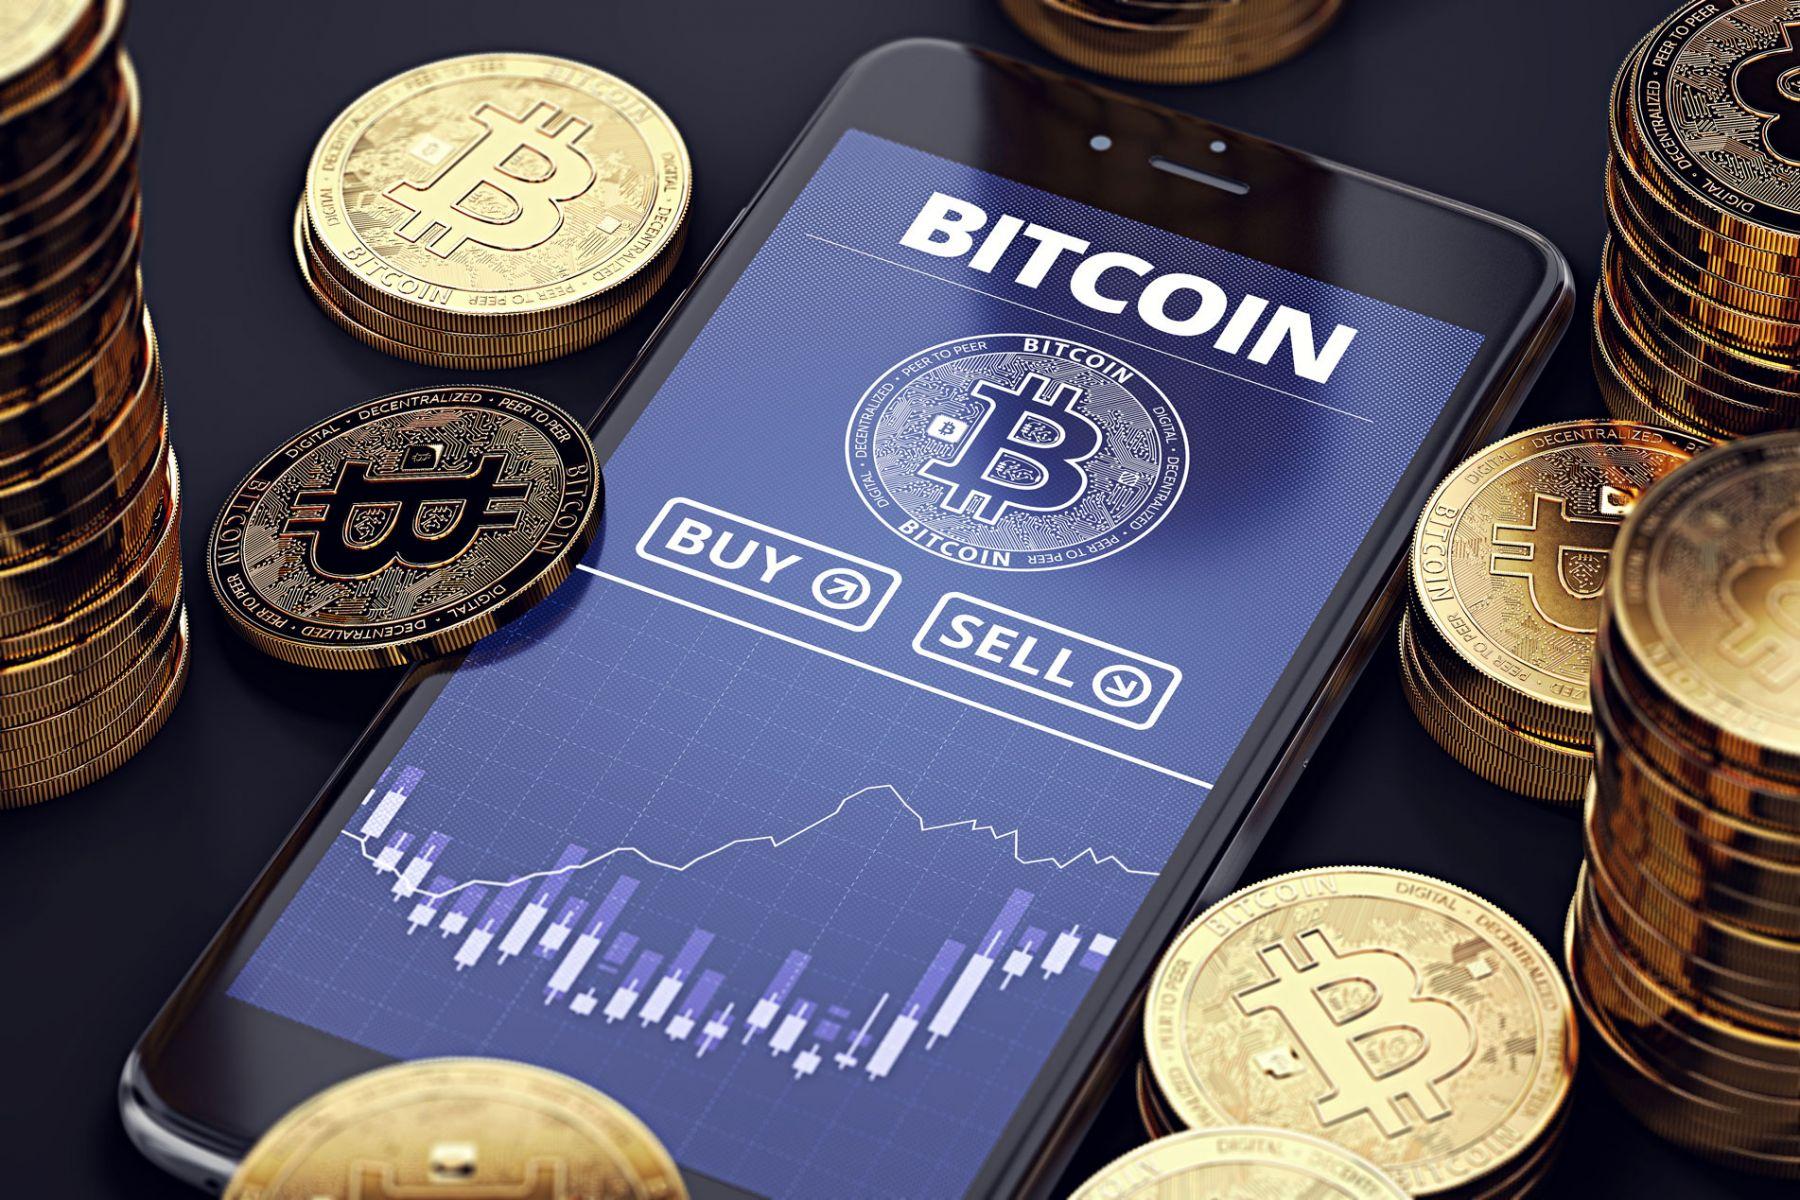 比特幣未來會怎麼發展?歷史上三個故事可參考